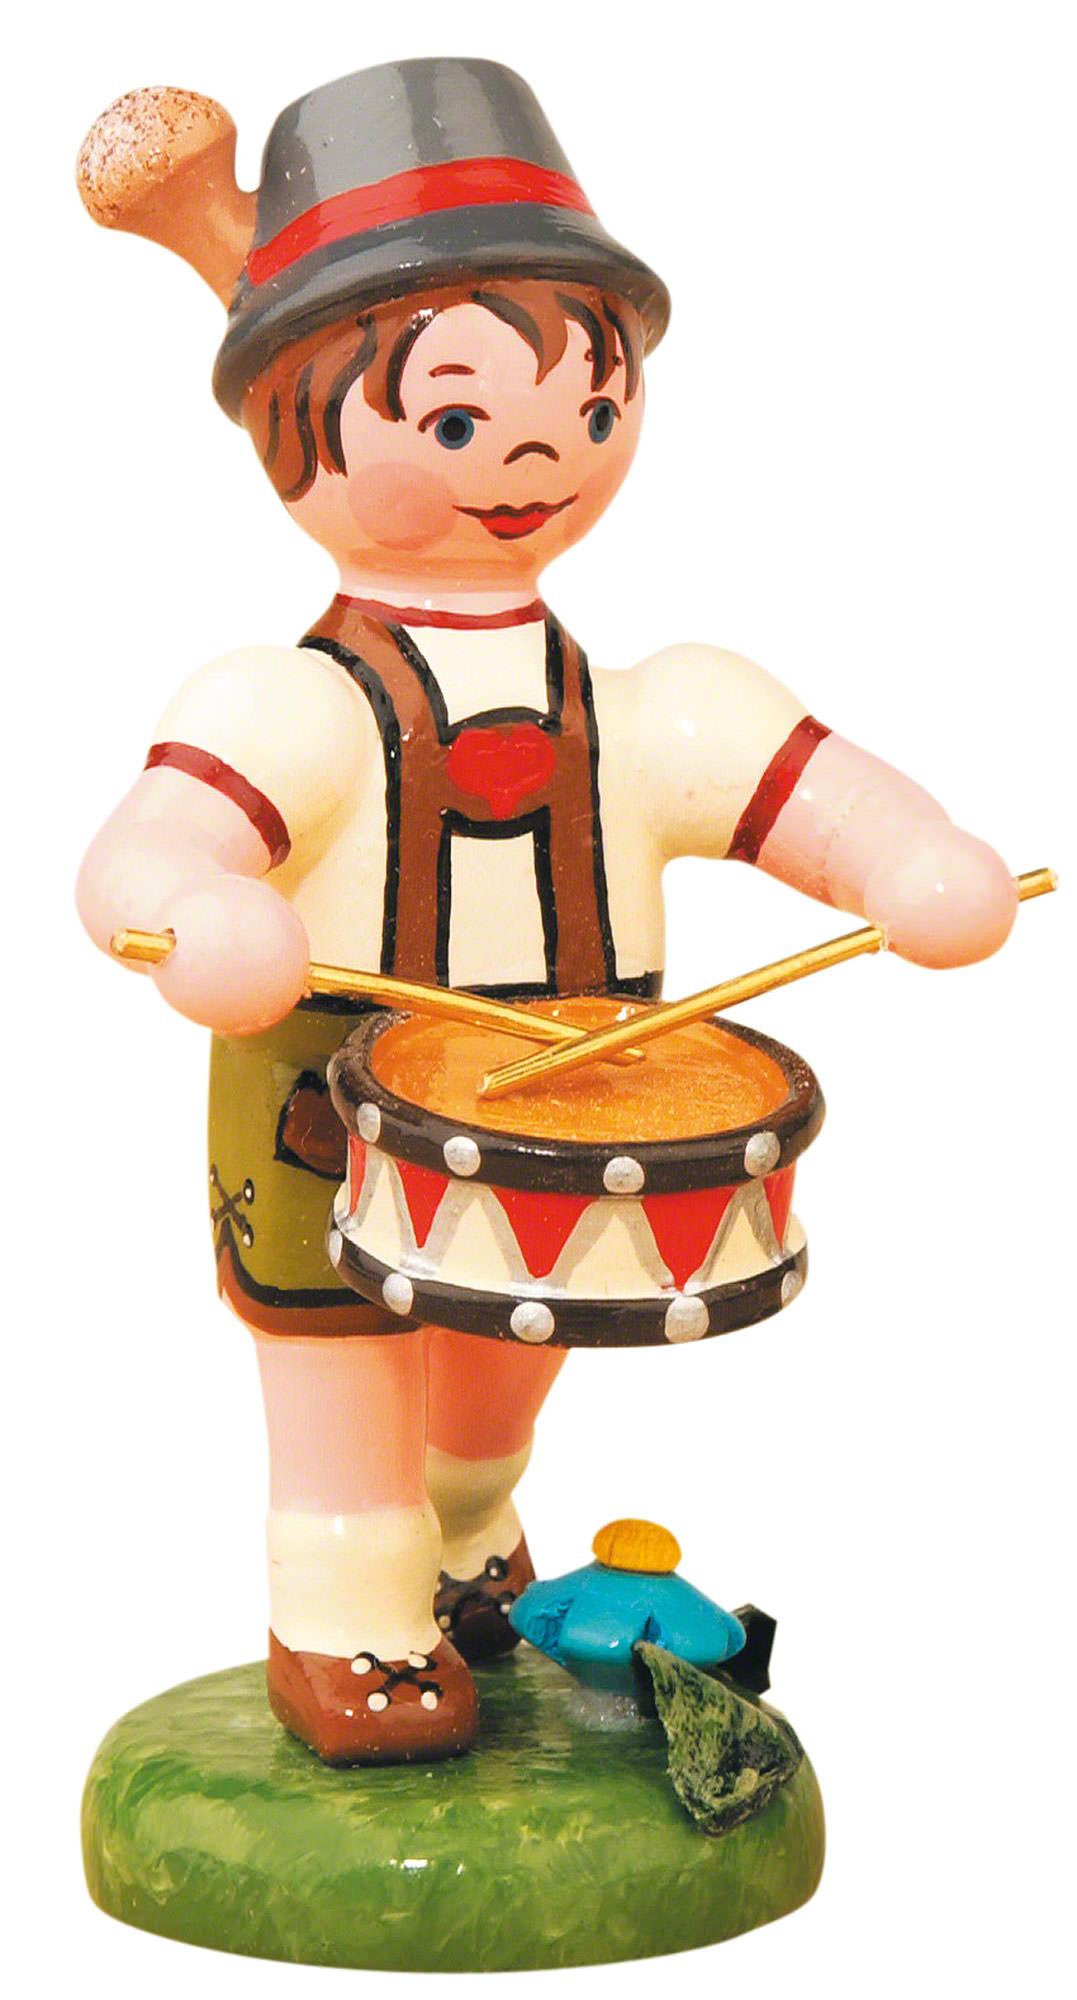 Lampion child boy with Drum (8cm/3in)ch by Hubrig Volkskunst.